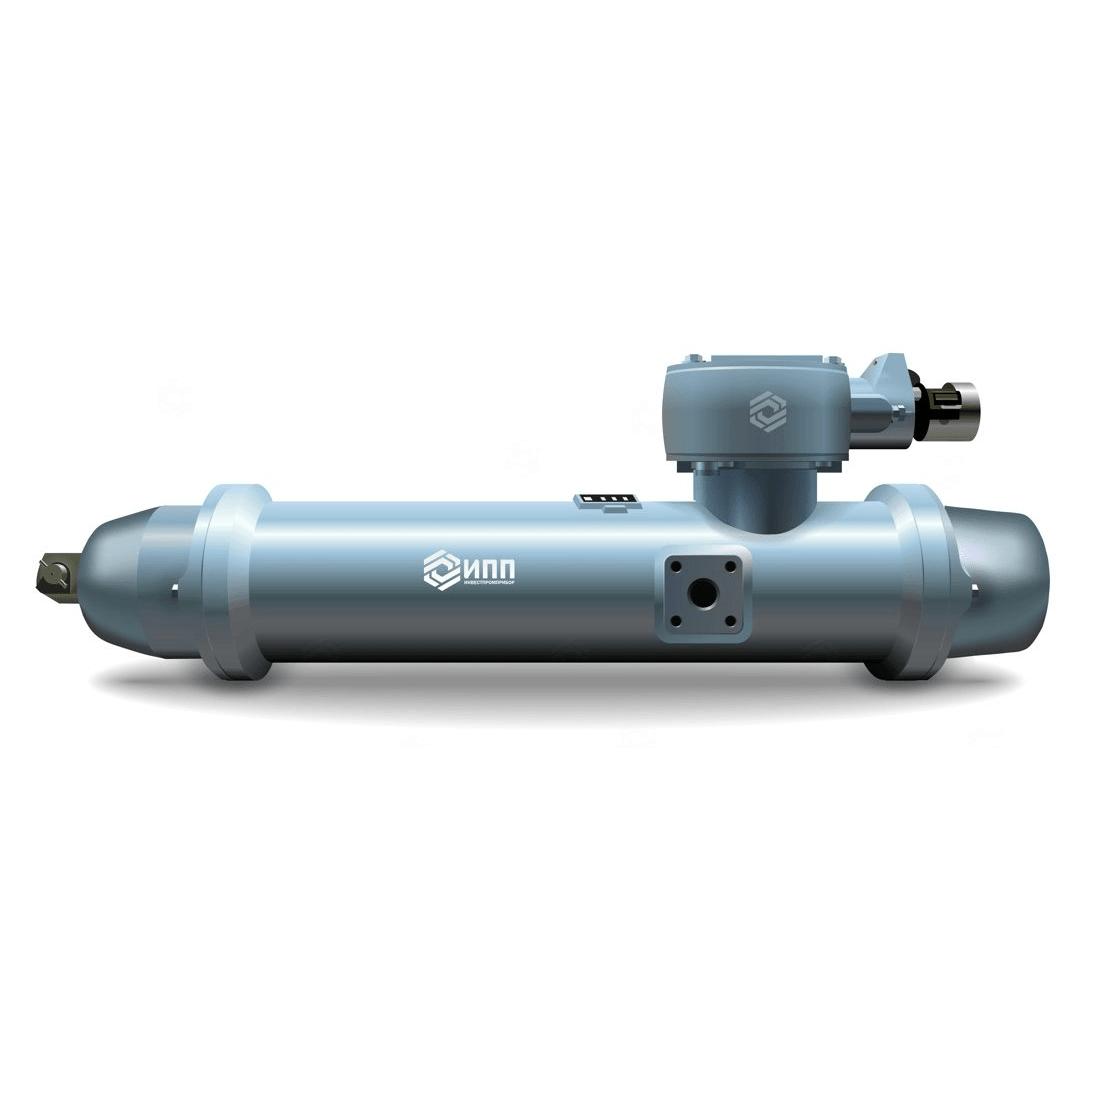 Привод винтовой моторный ПВМ.1М 600х400